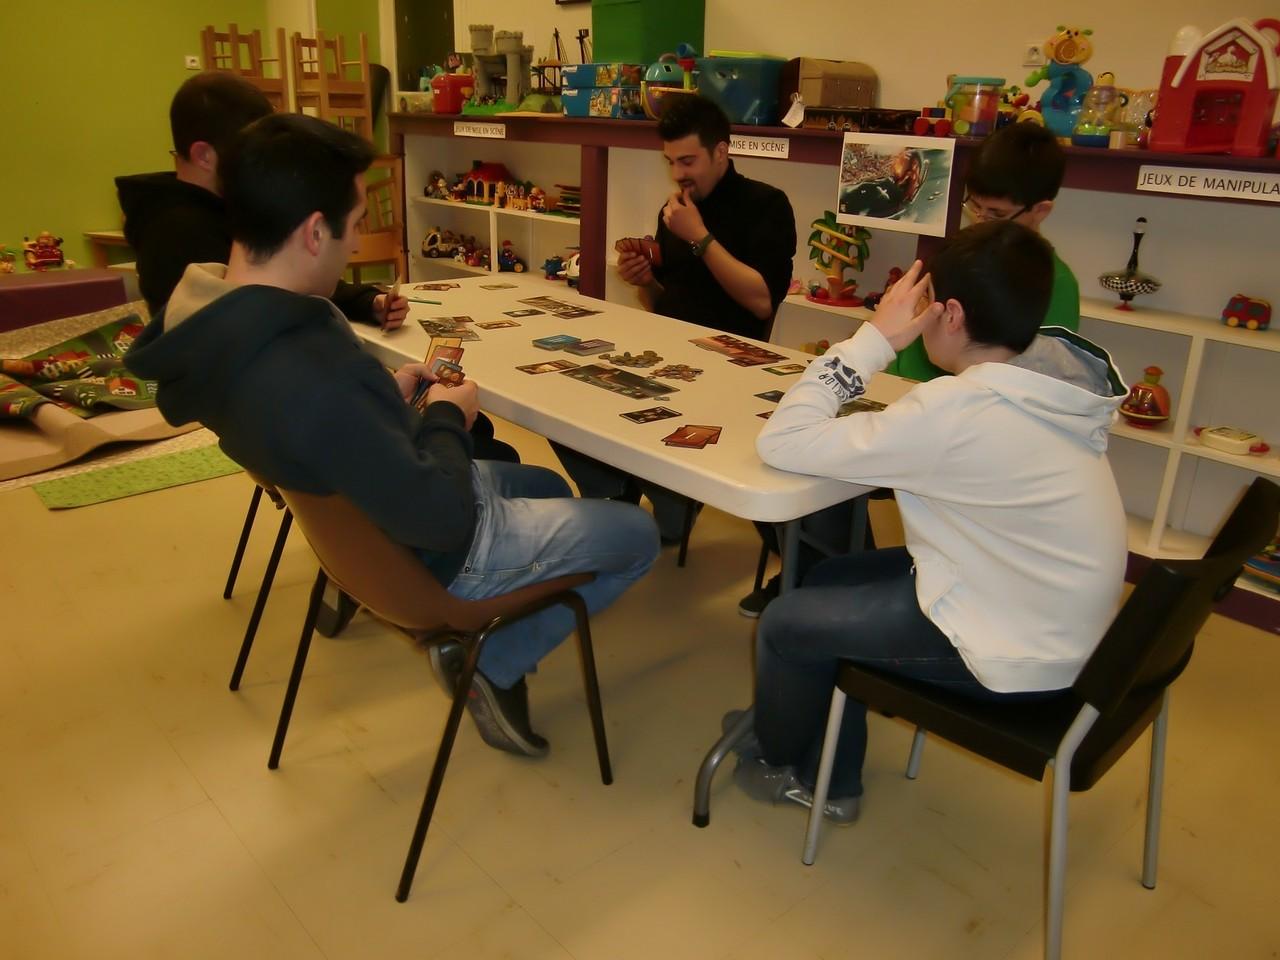 1ère ronde, table Rhodes : Jean-Christophe, Yannick, Jérémie, Nicolas et Mathis